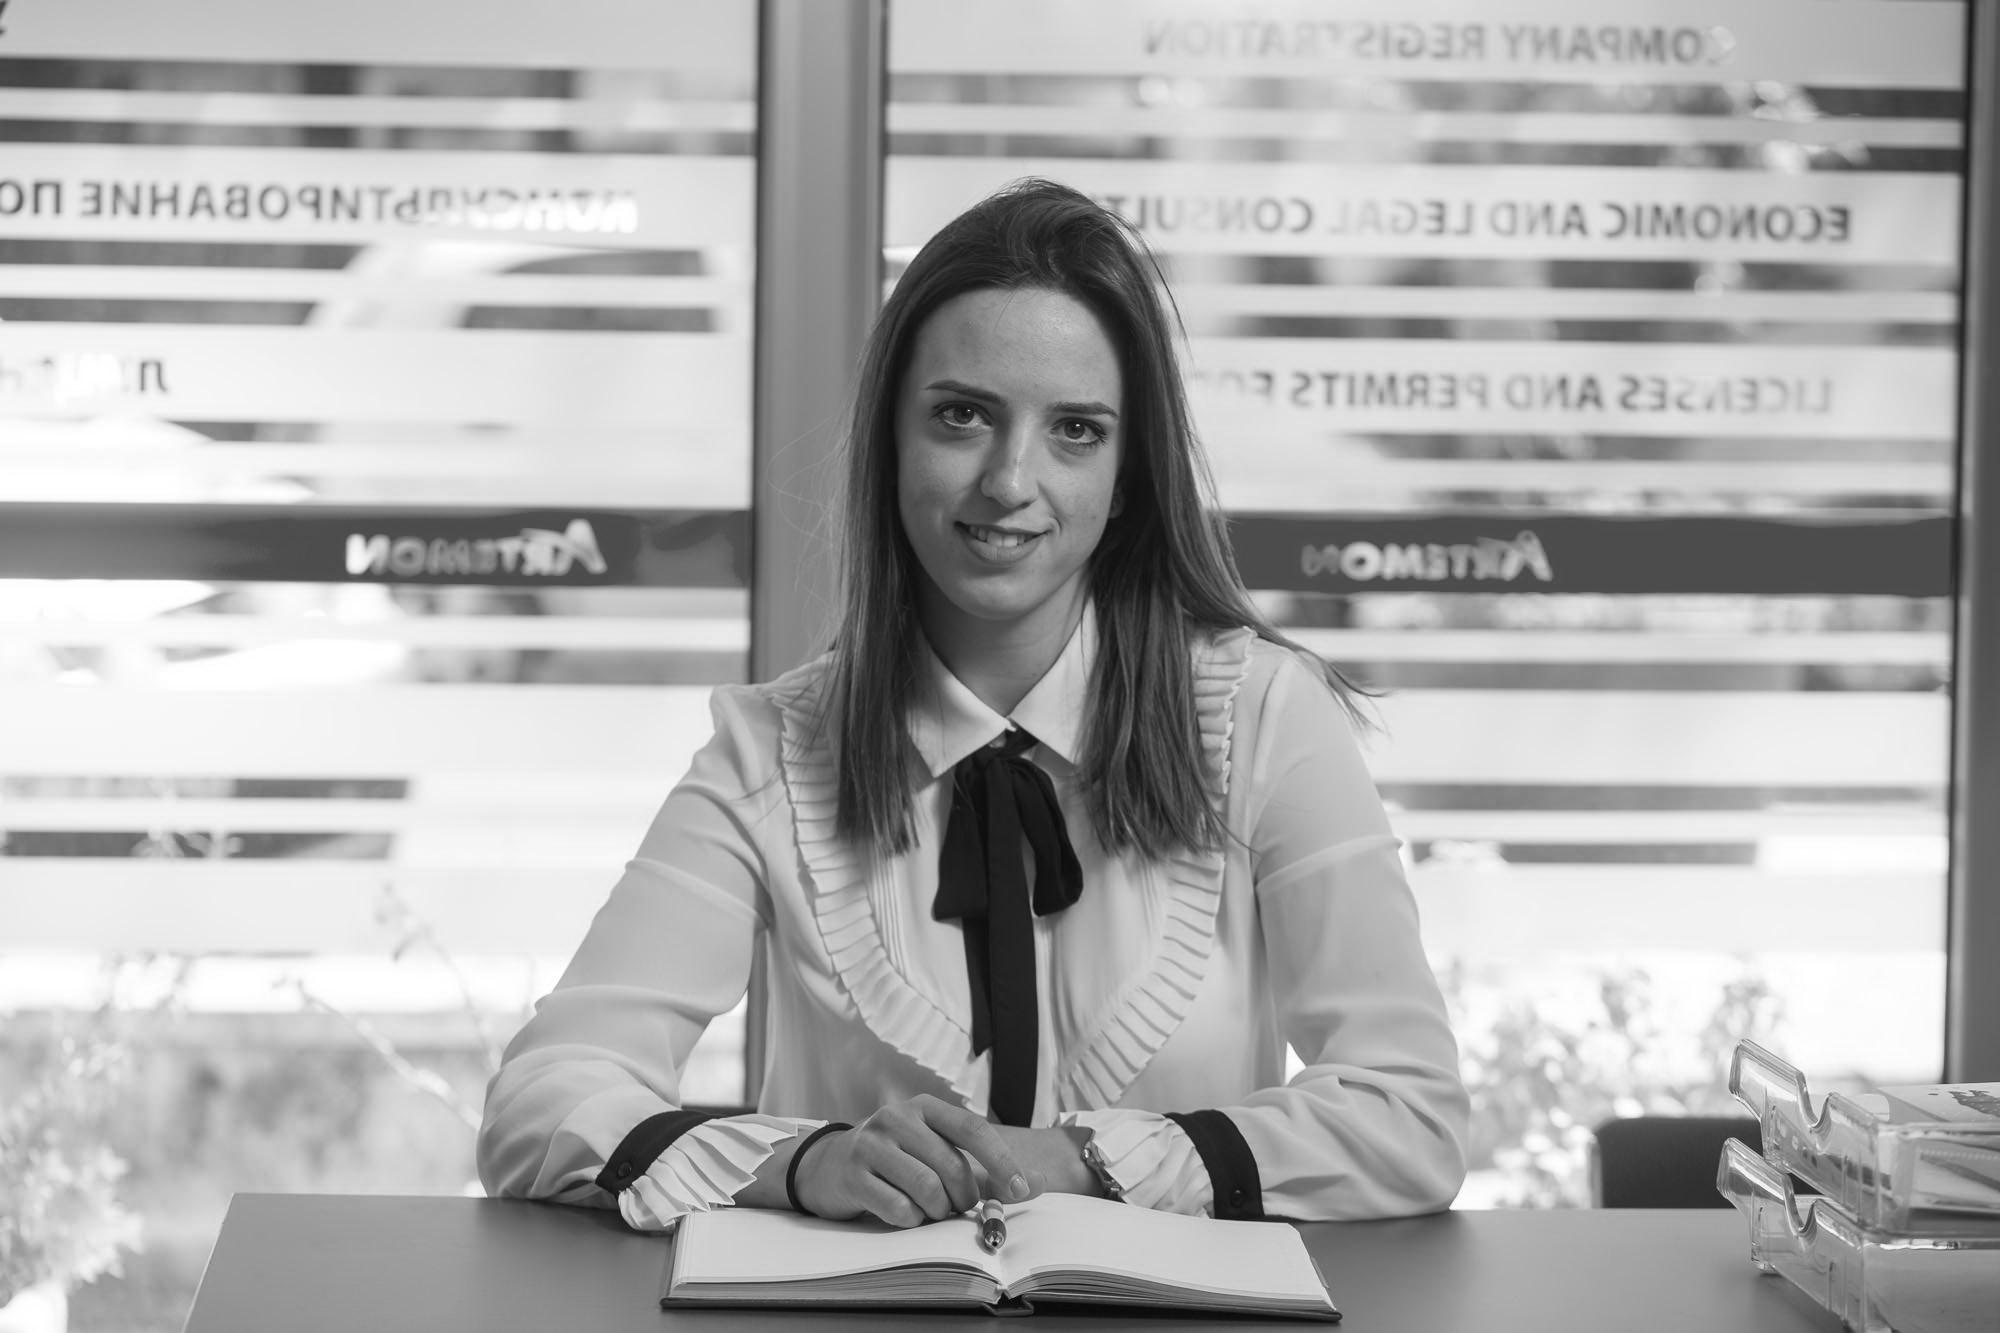 Dragana Joksimovic